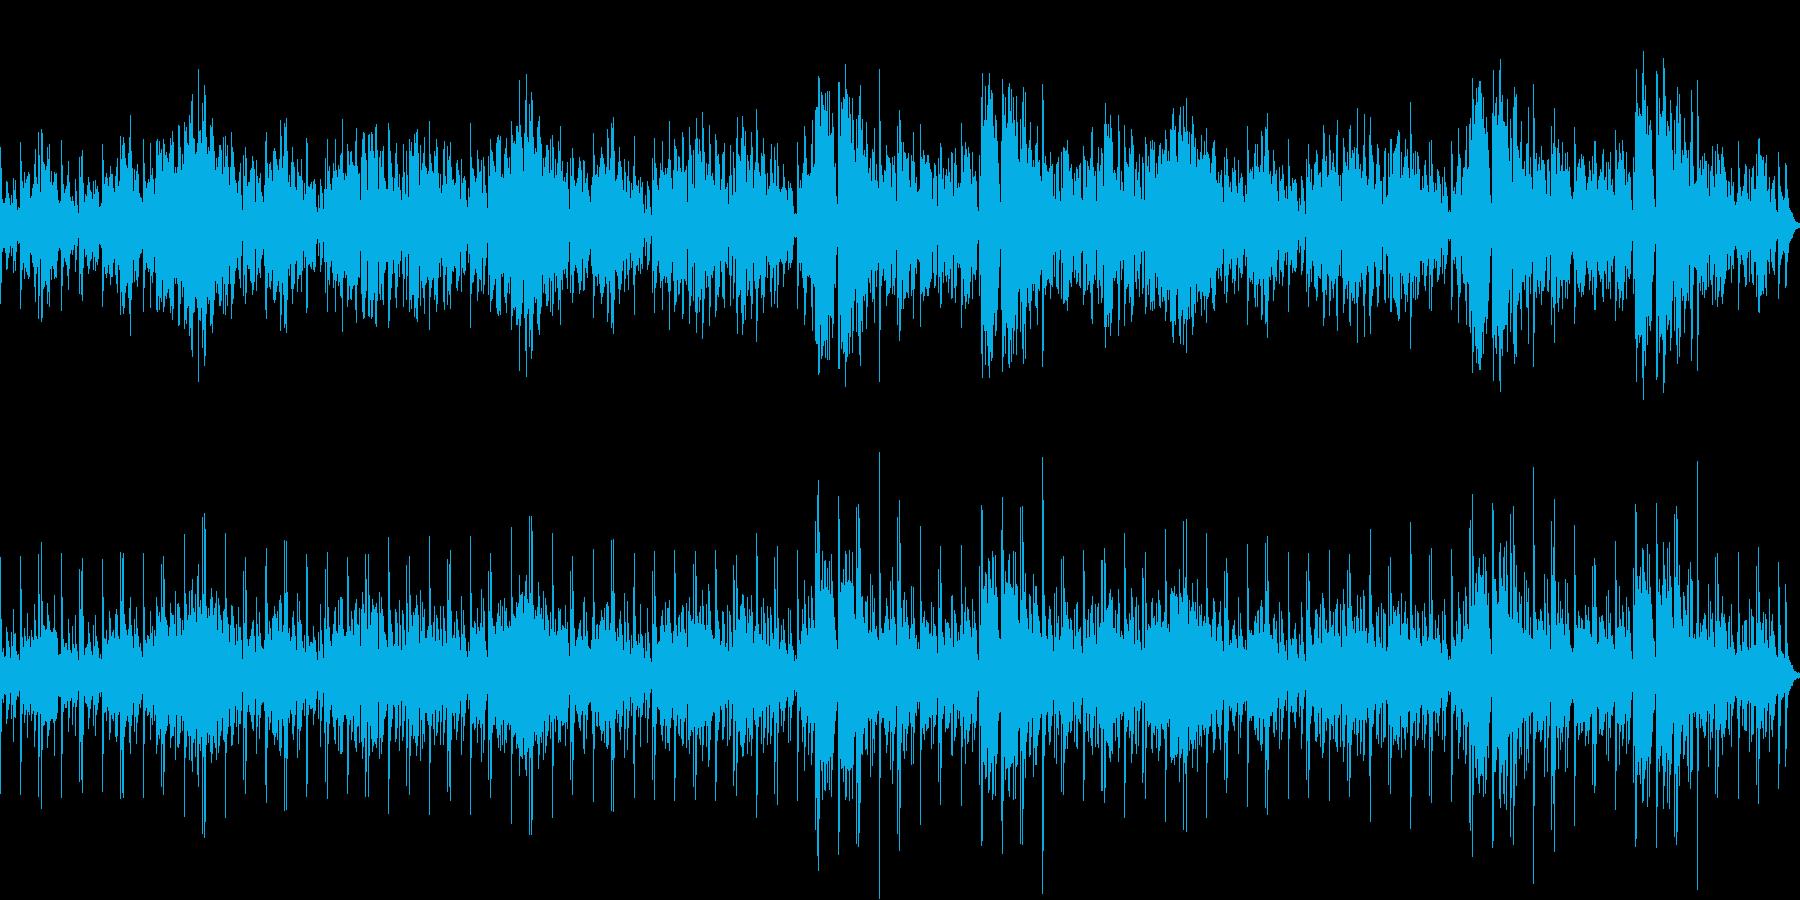 アコーディオンの洒落た雰囲気のワルツの再生済みの波形